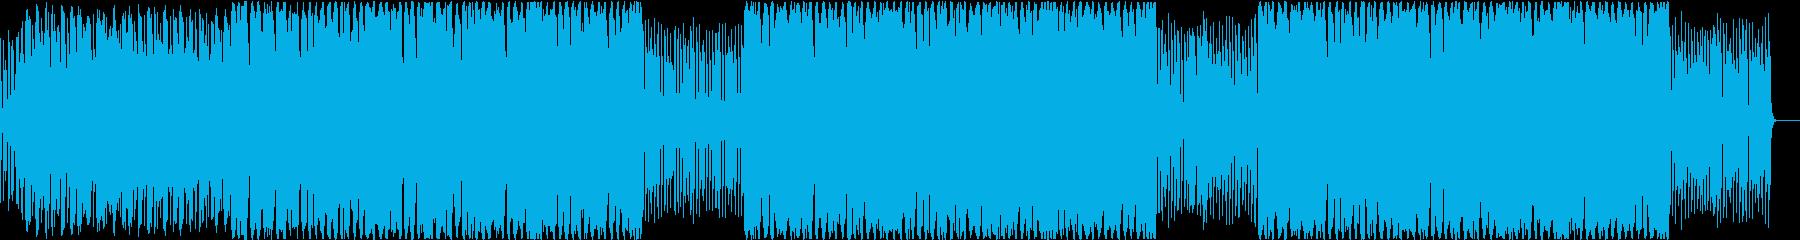 近未来 エレクトリック プロダクト紹介の再生済みの波形